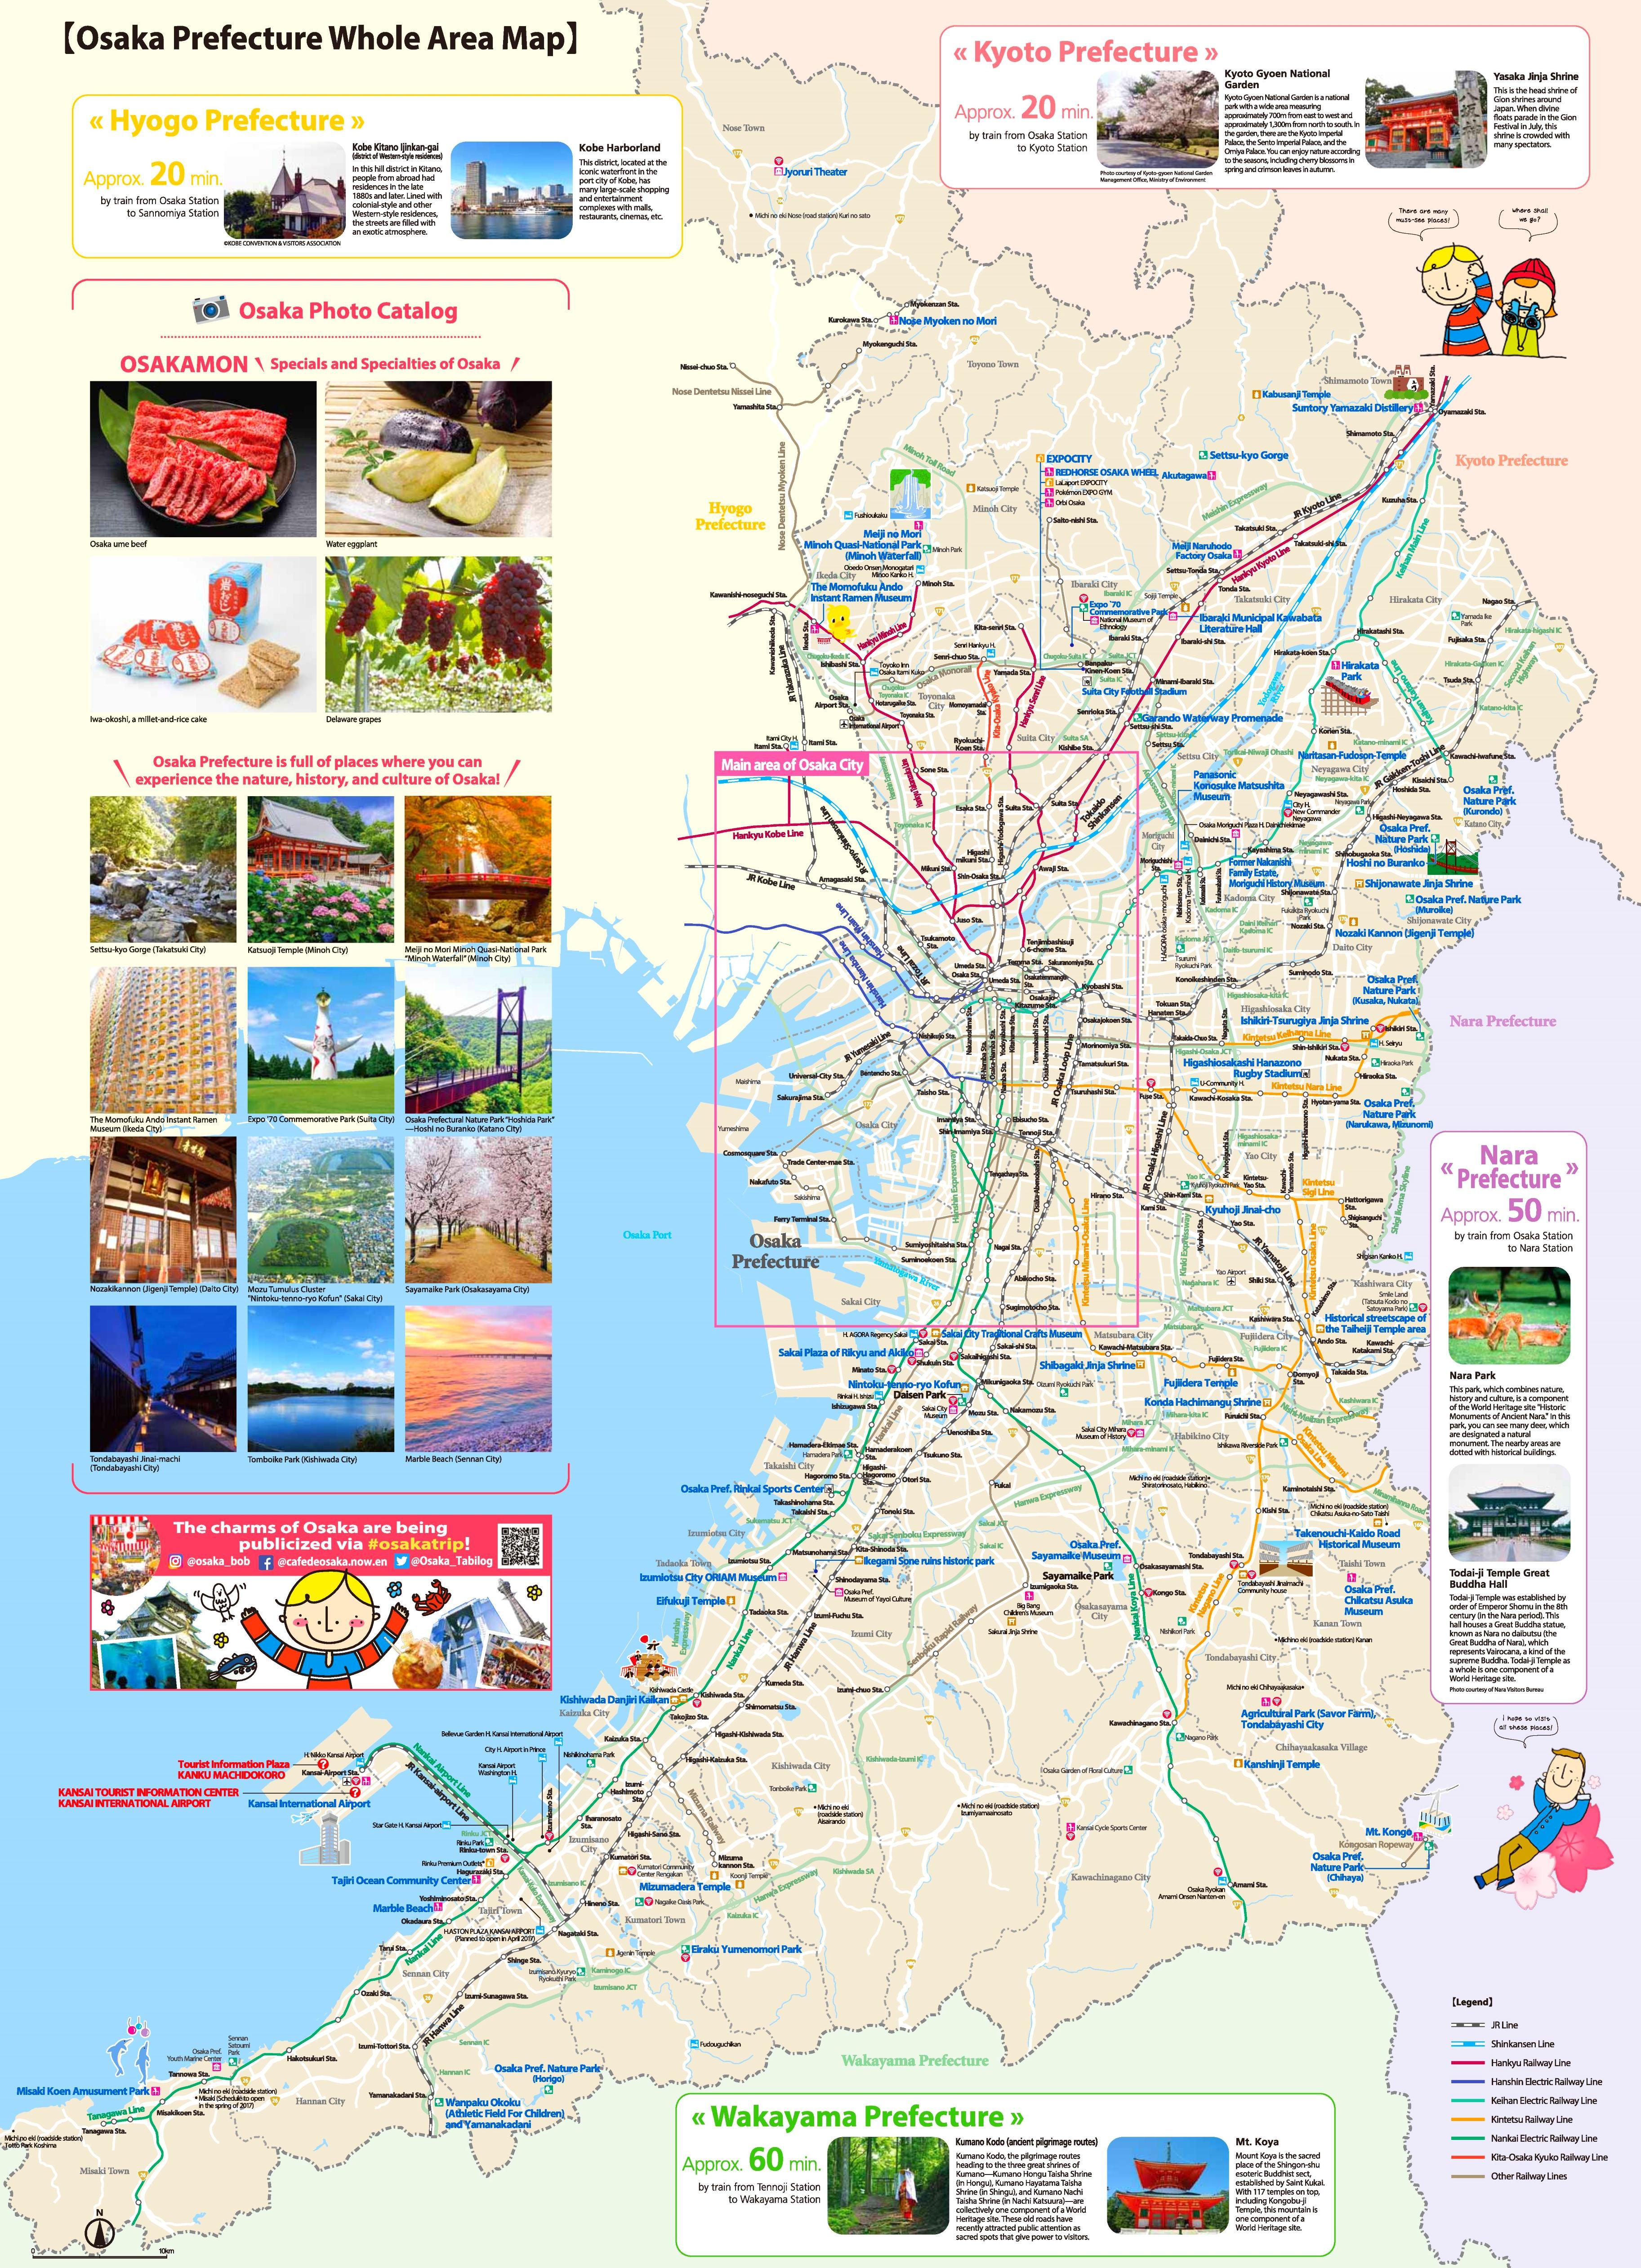 Osaka Prefecture tourist map